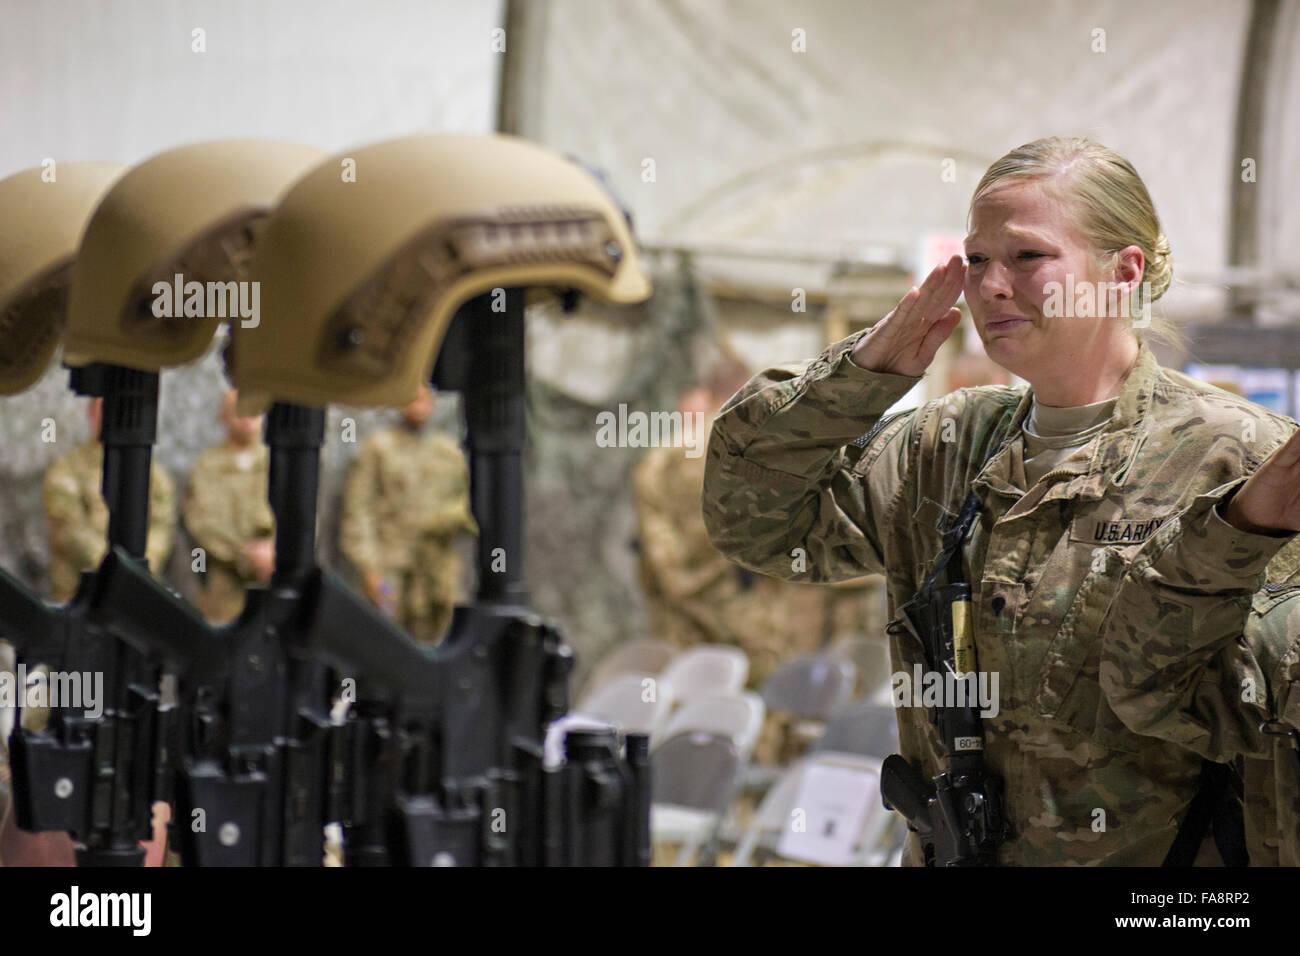 Bagram, en Afghanistan. Dec 23, 2015. Les membres du service des États-Unis qu'ils saluent leurs respects Photo Stock